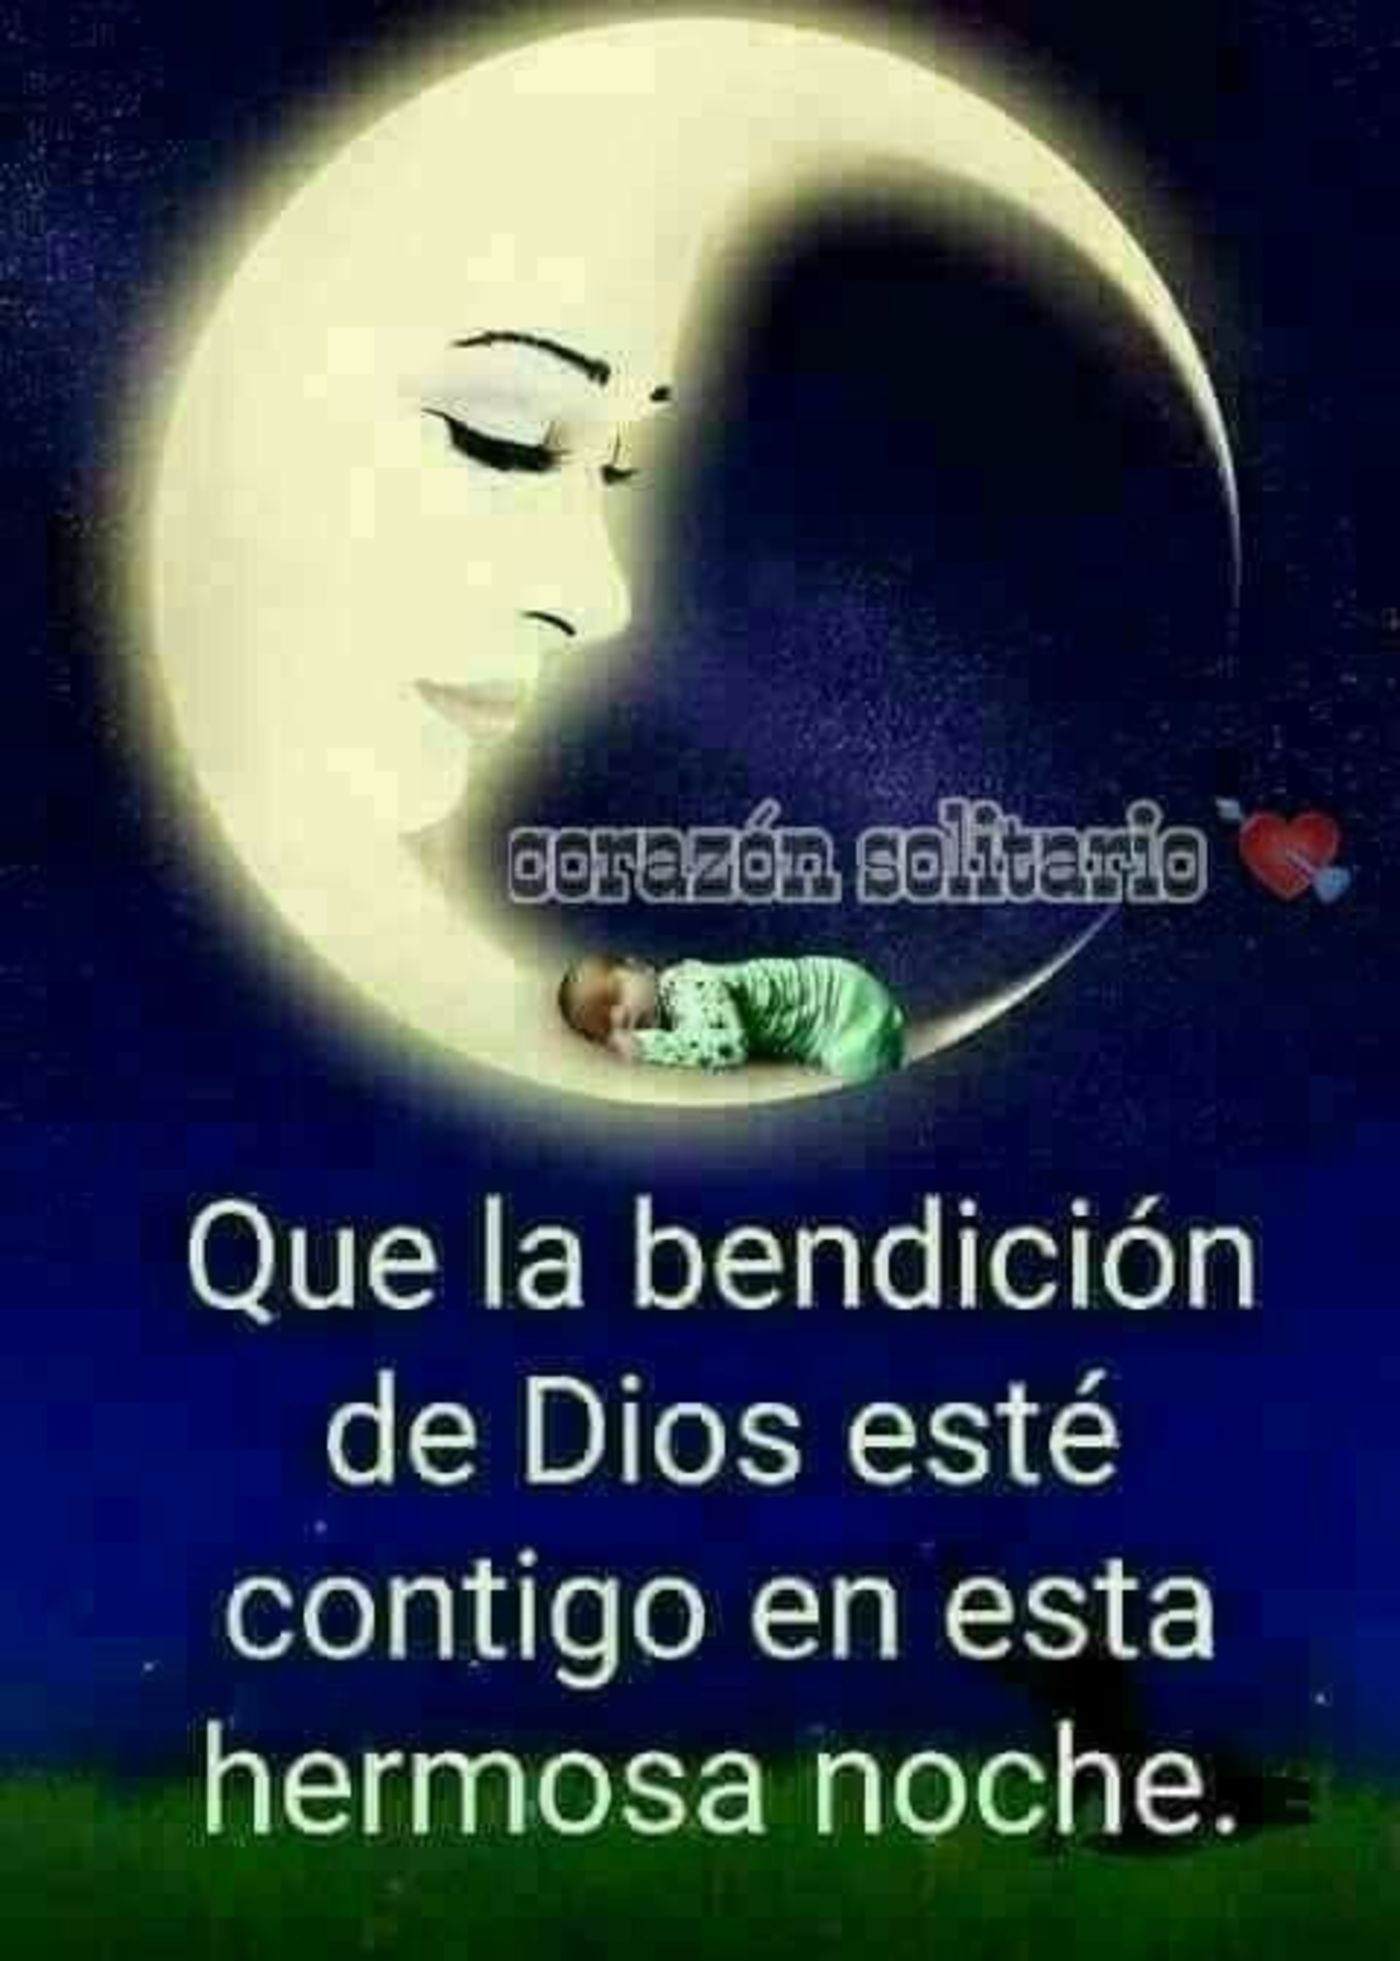 Que la bendición de Dios esté contigo en esta hermosa noche.